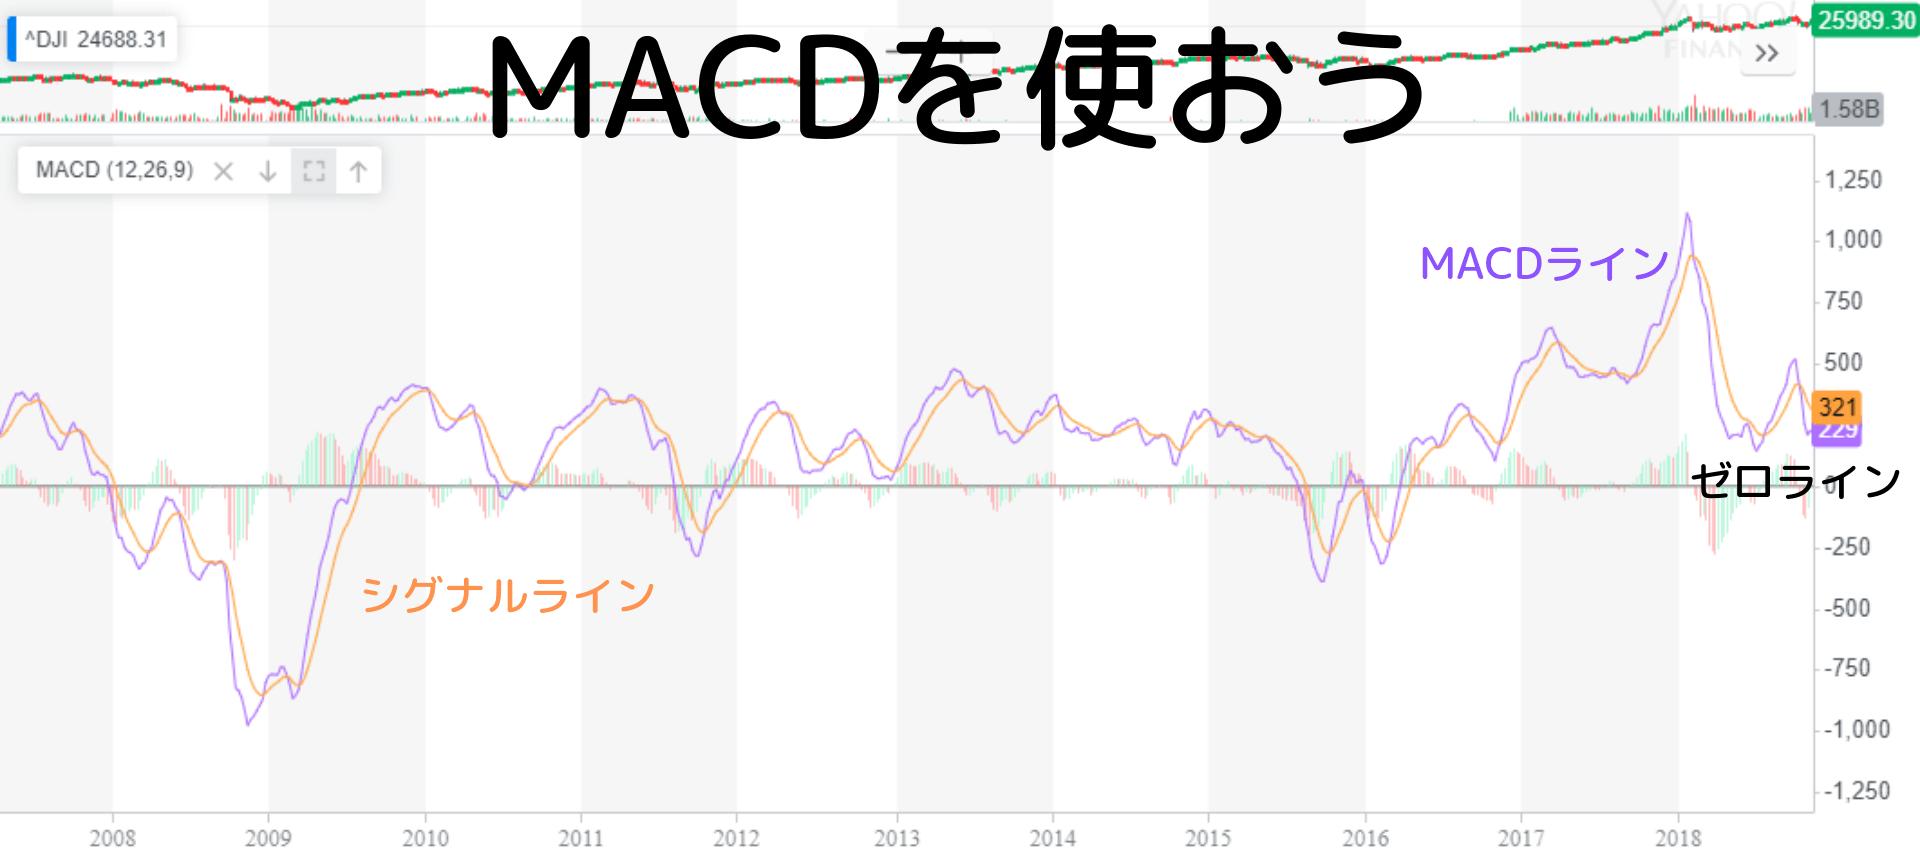 MACDを使ったテクニカル分析